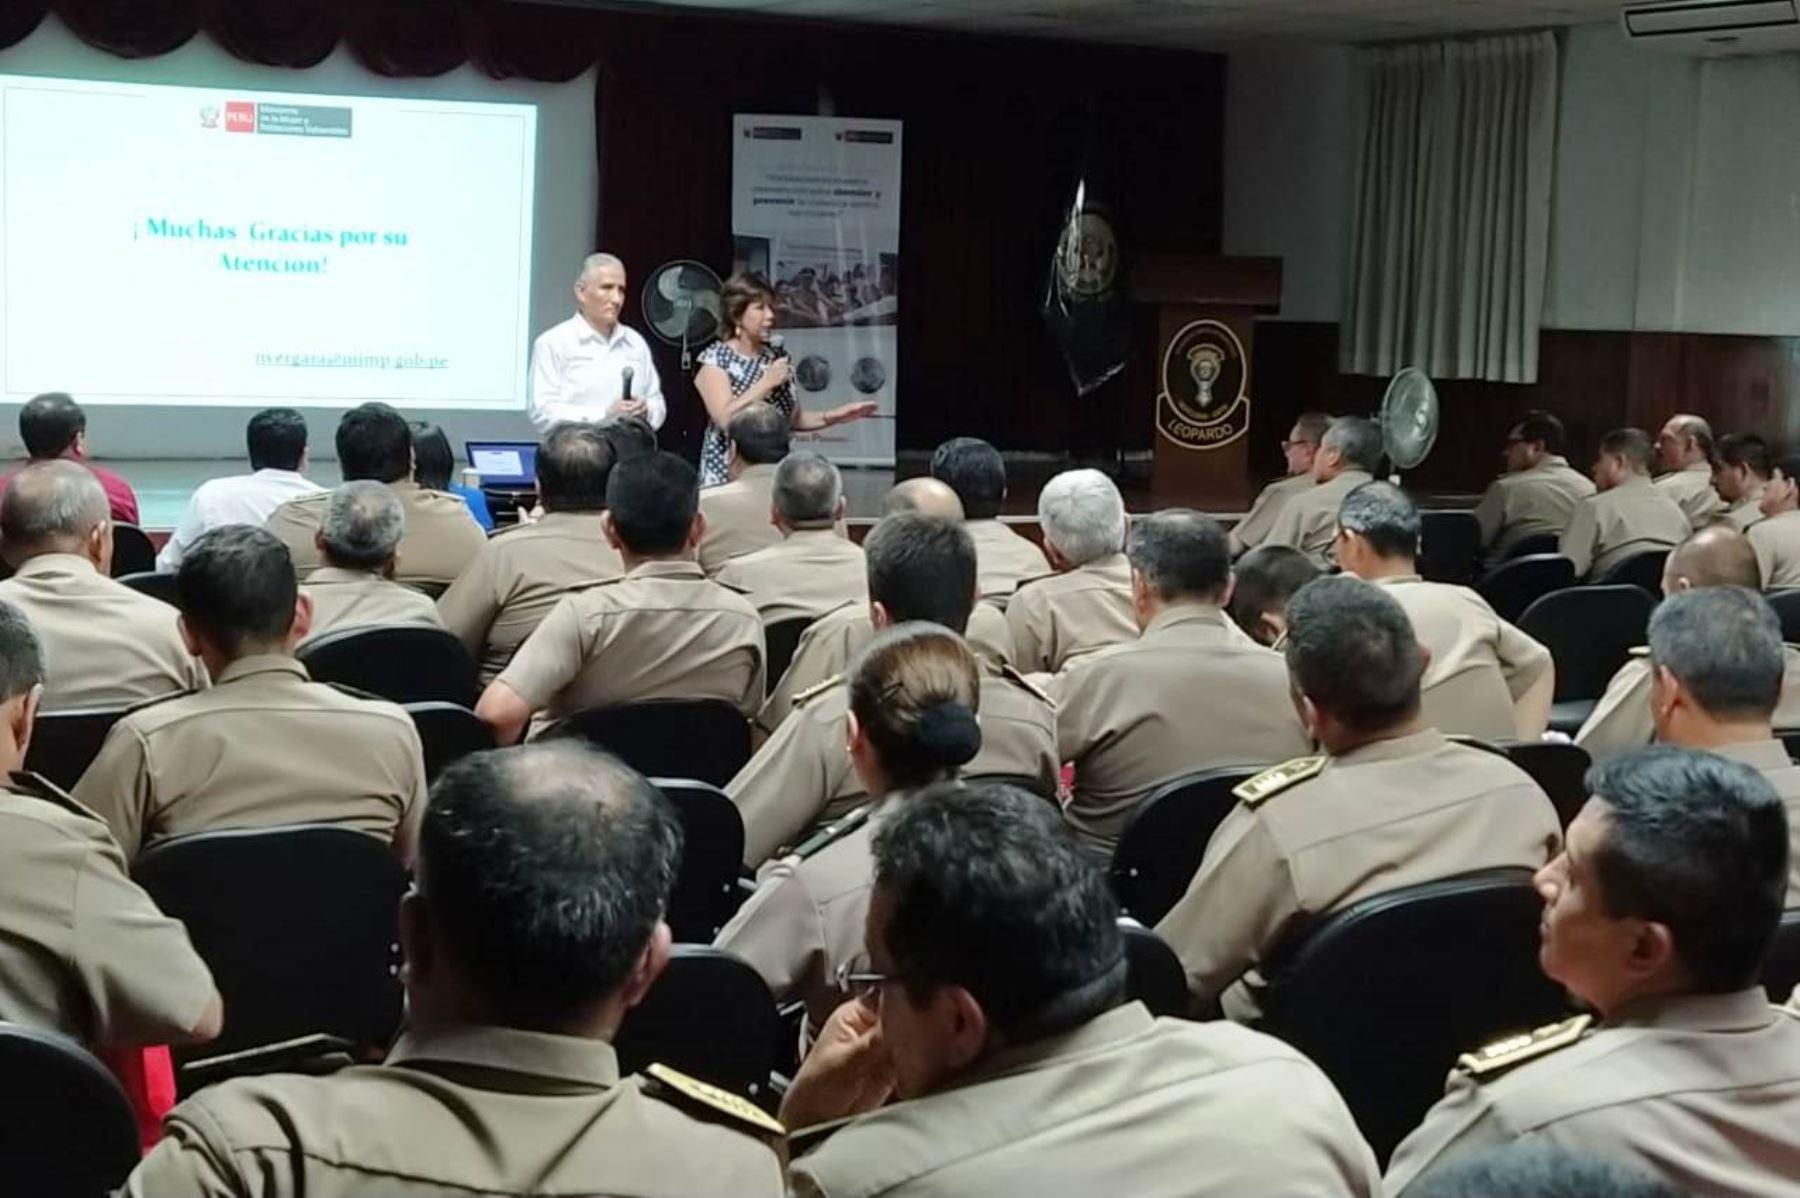 Violencia de género: cerca de 200 comisarios fortalecieron sus capacidades de atención . Foto: ANDINA/Difusión.